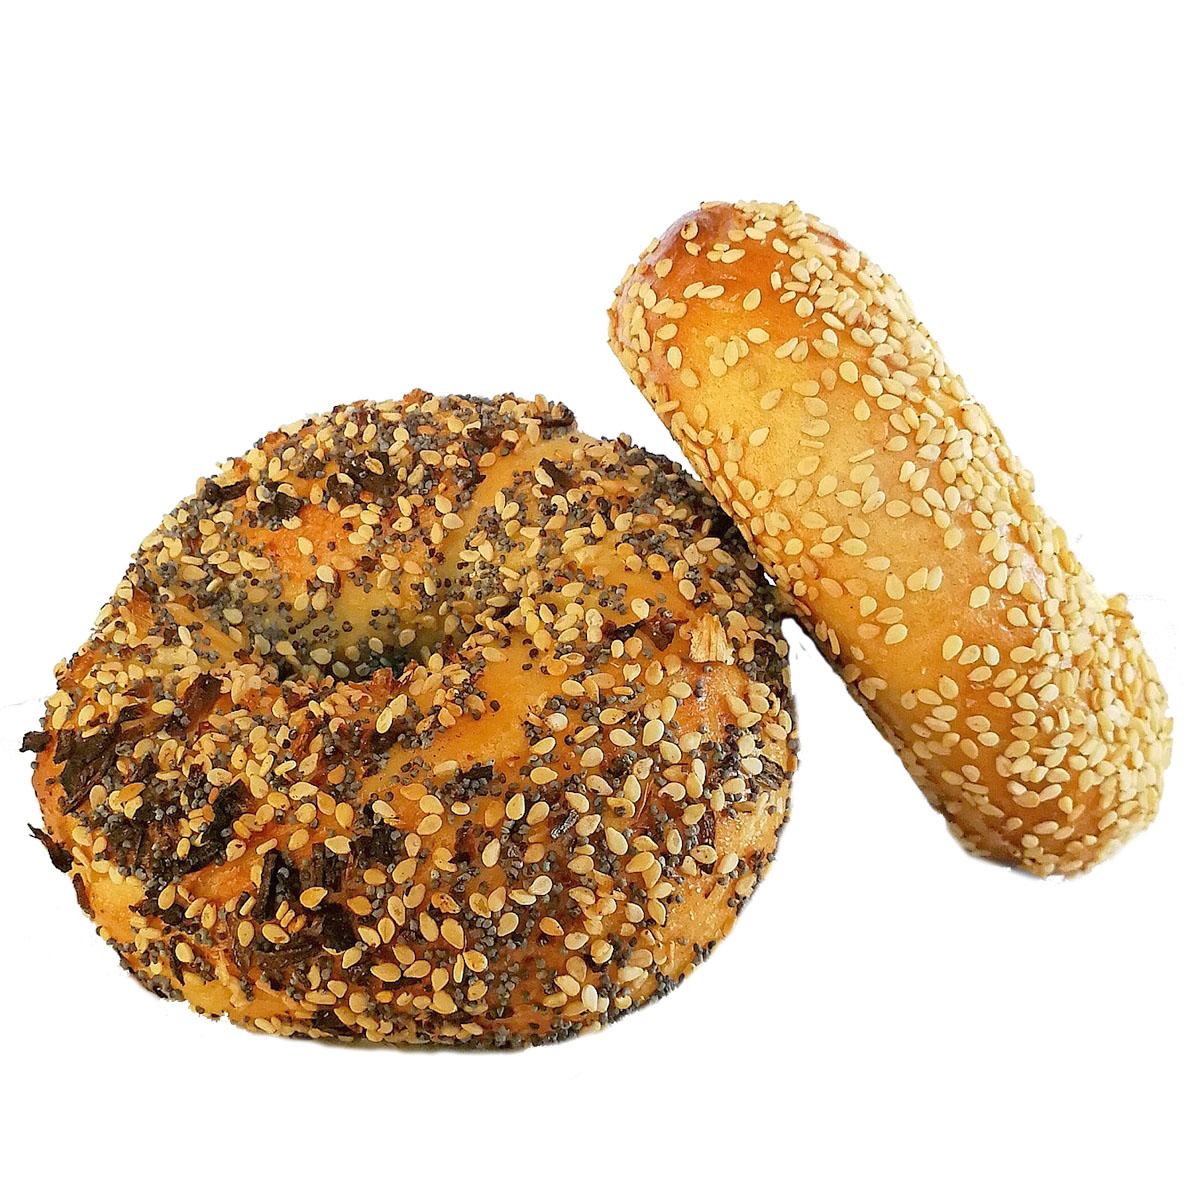 <strong>Northumberland Style Bagels</strong><br><em>1/2 dozen</em>